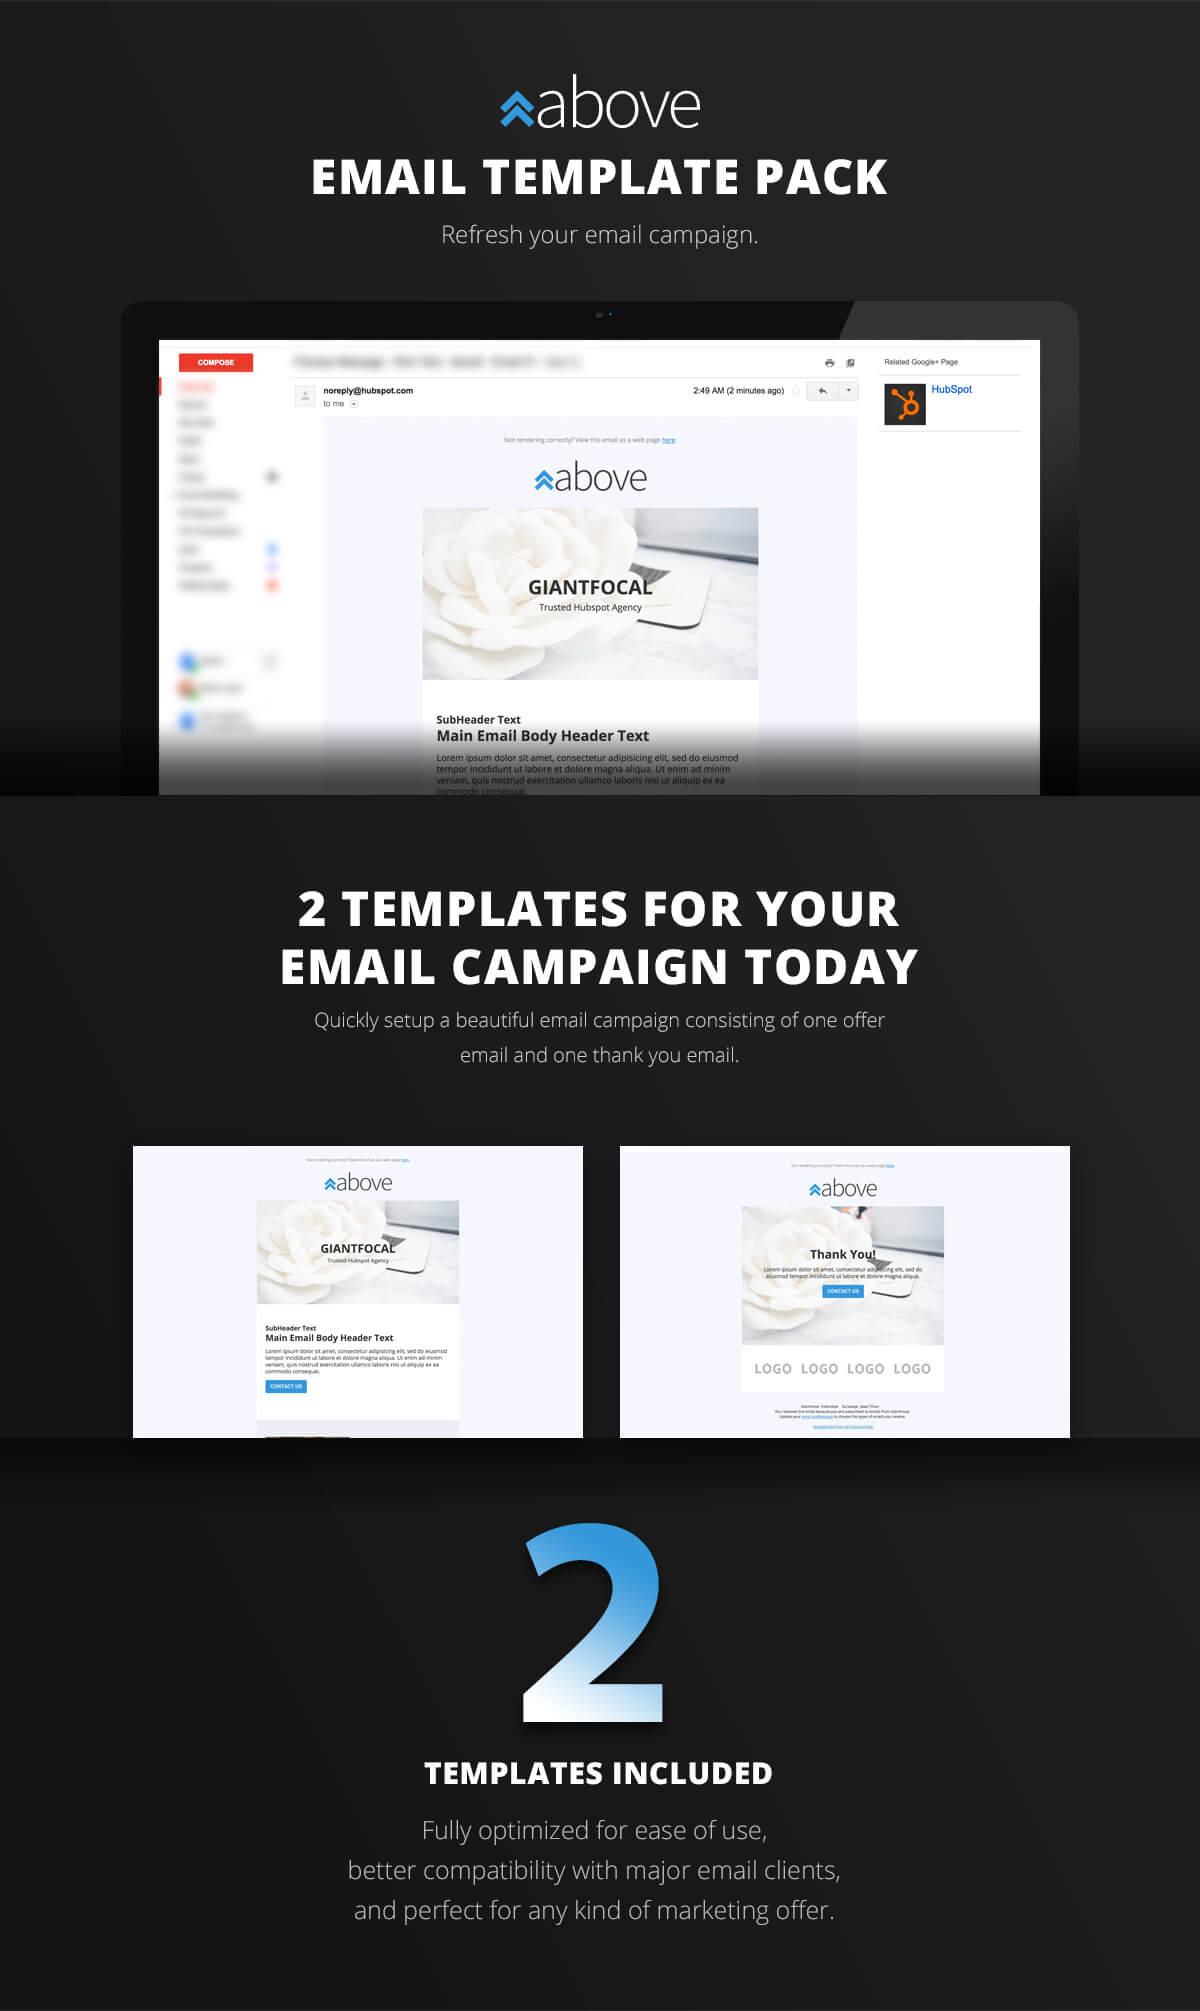 HubSpot B2B email template